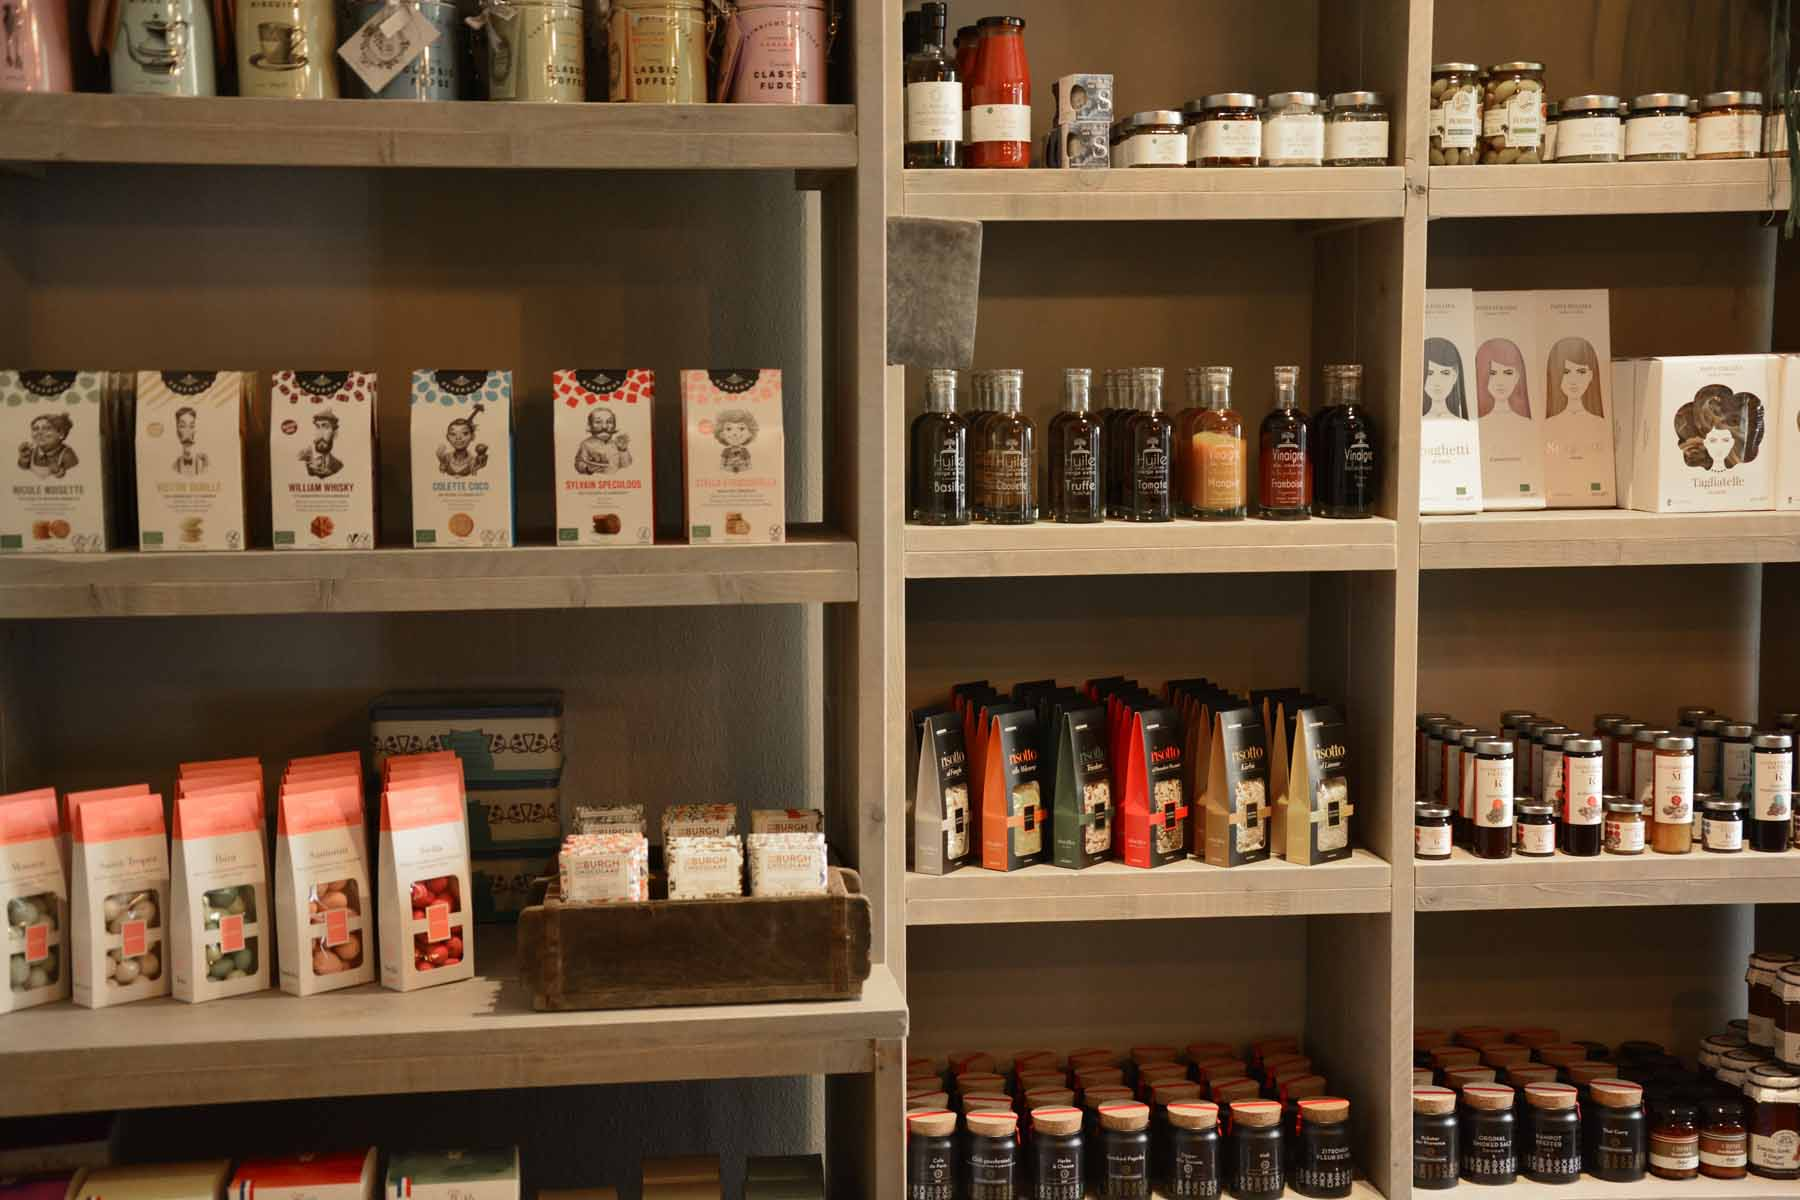 Im Regal stehen viele verschiedene Feinkostprodukte